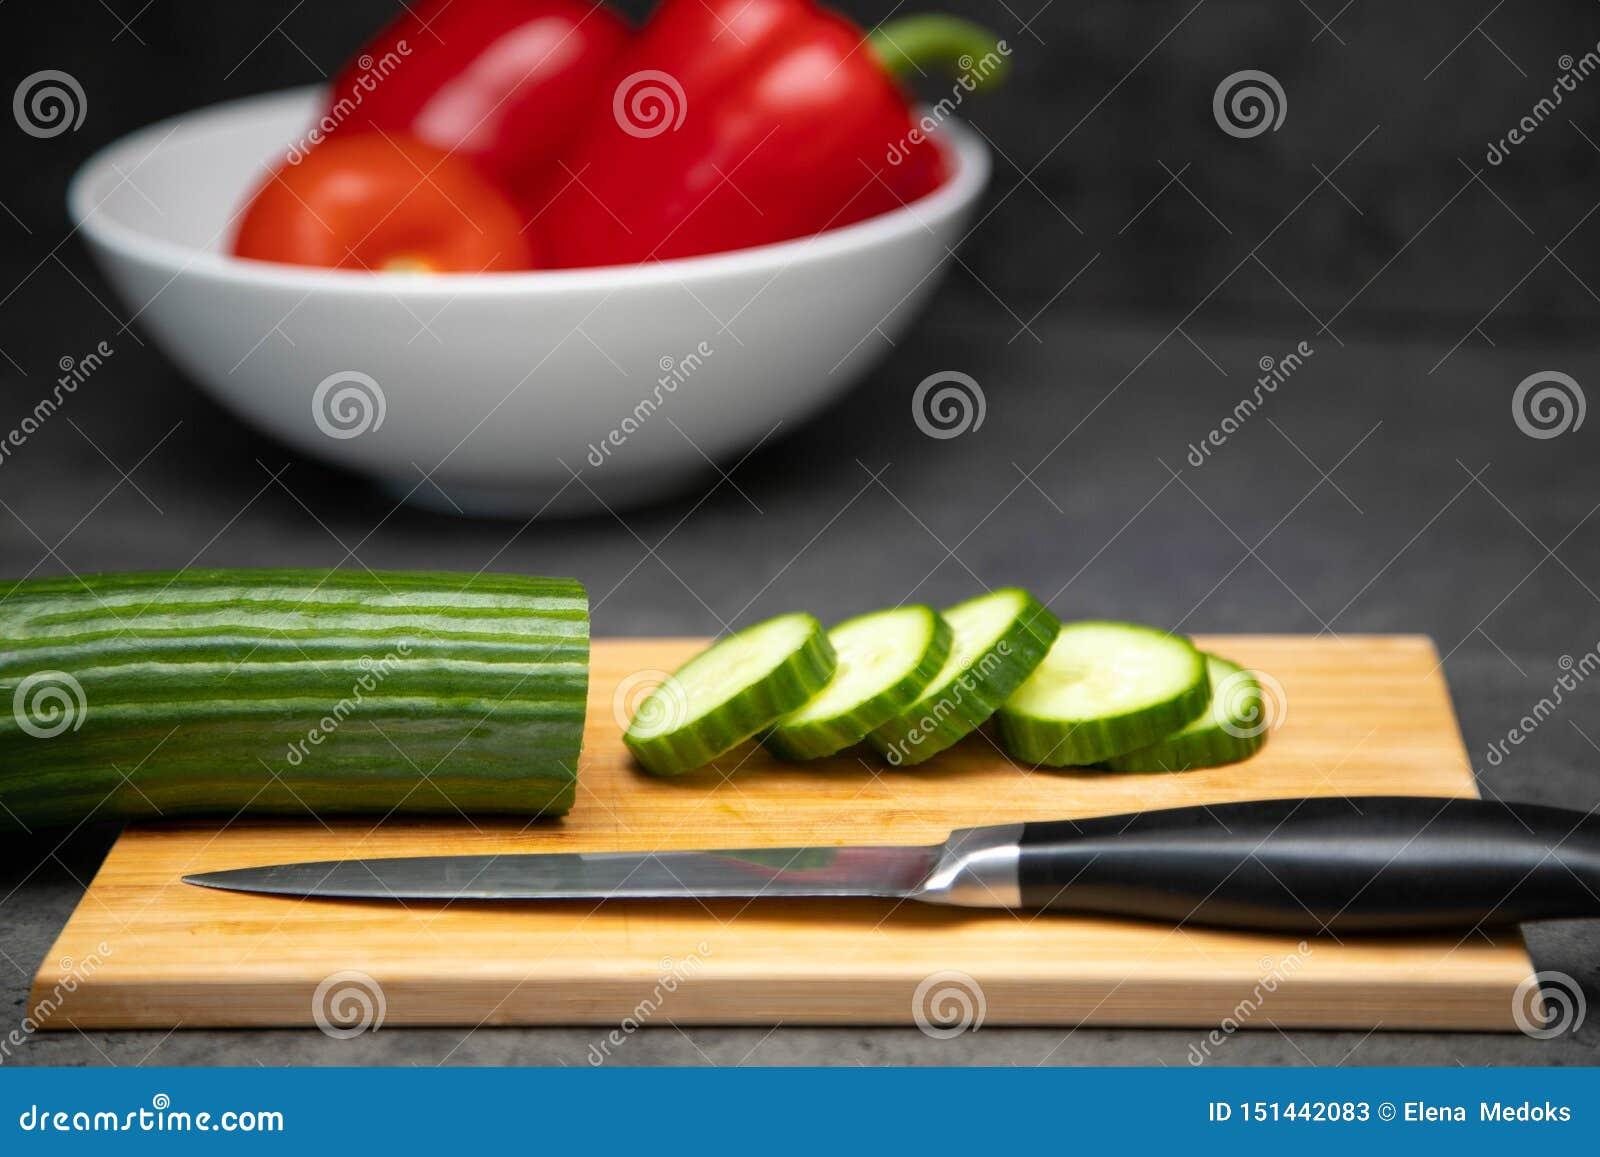 Skivade den nya gurkan på en skärbräda med en kniv och en keramisk platta av grönsaker